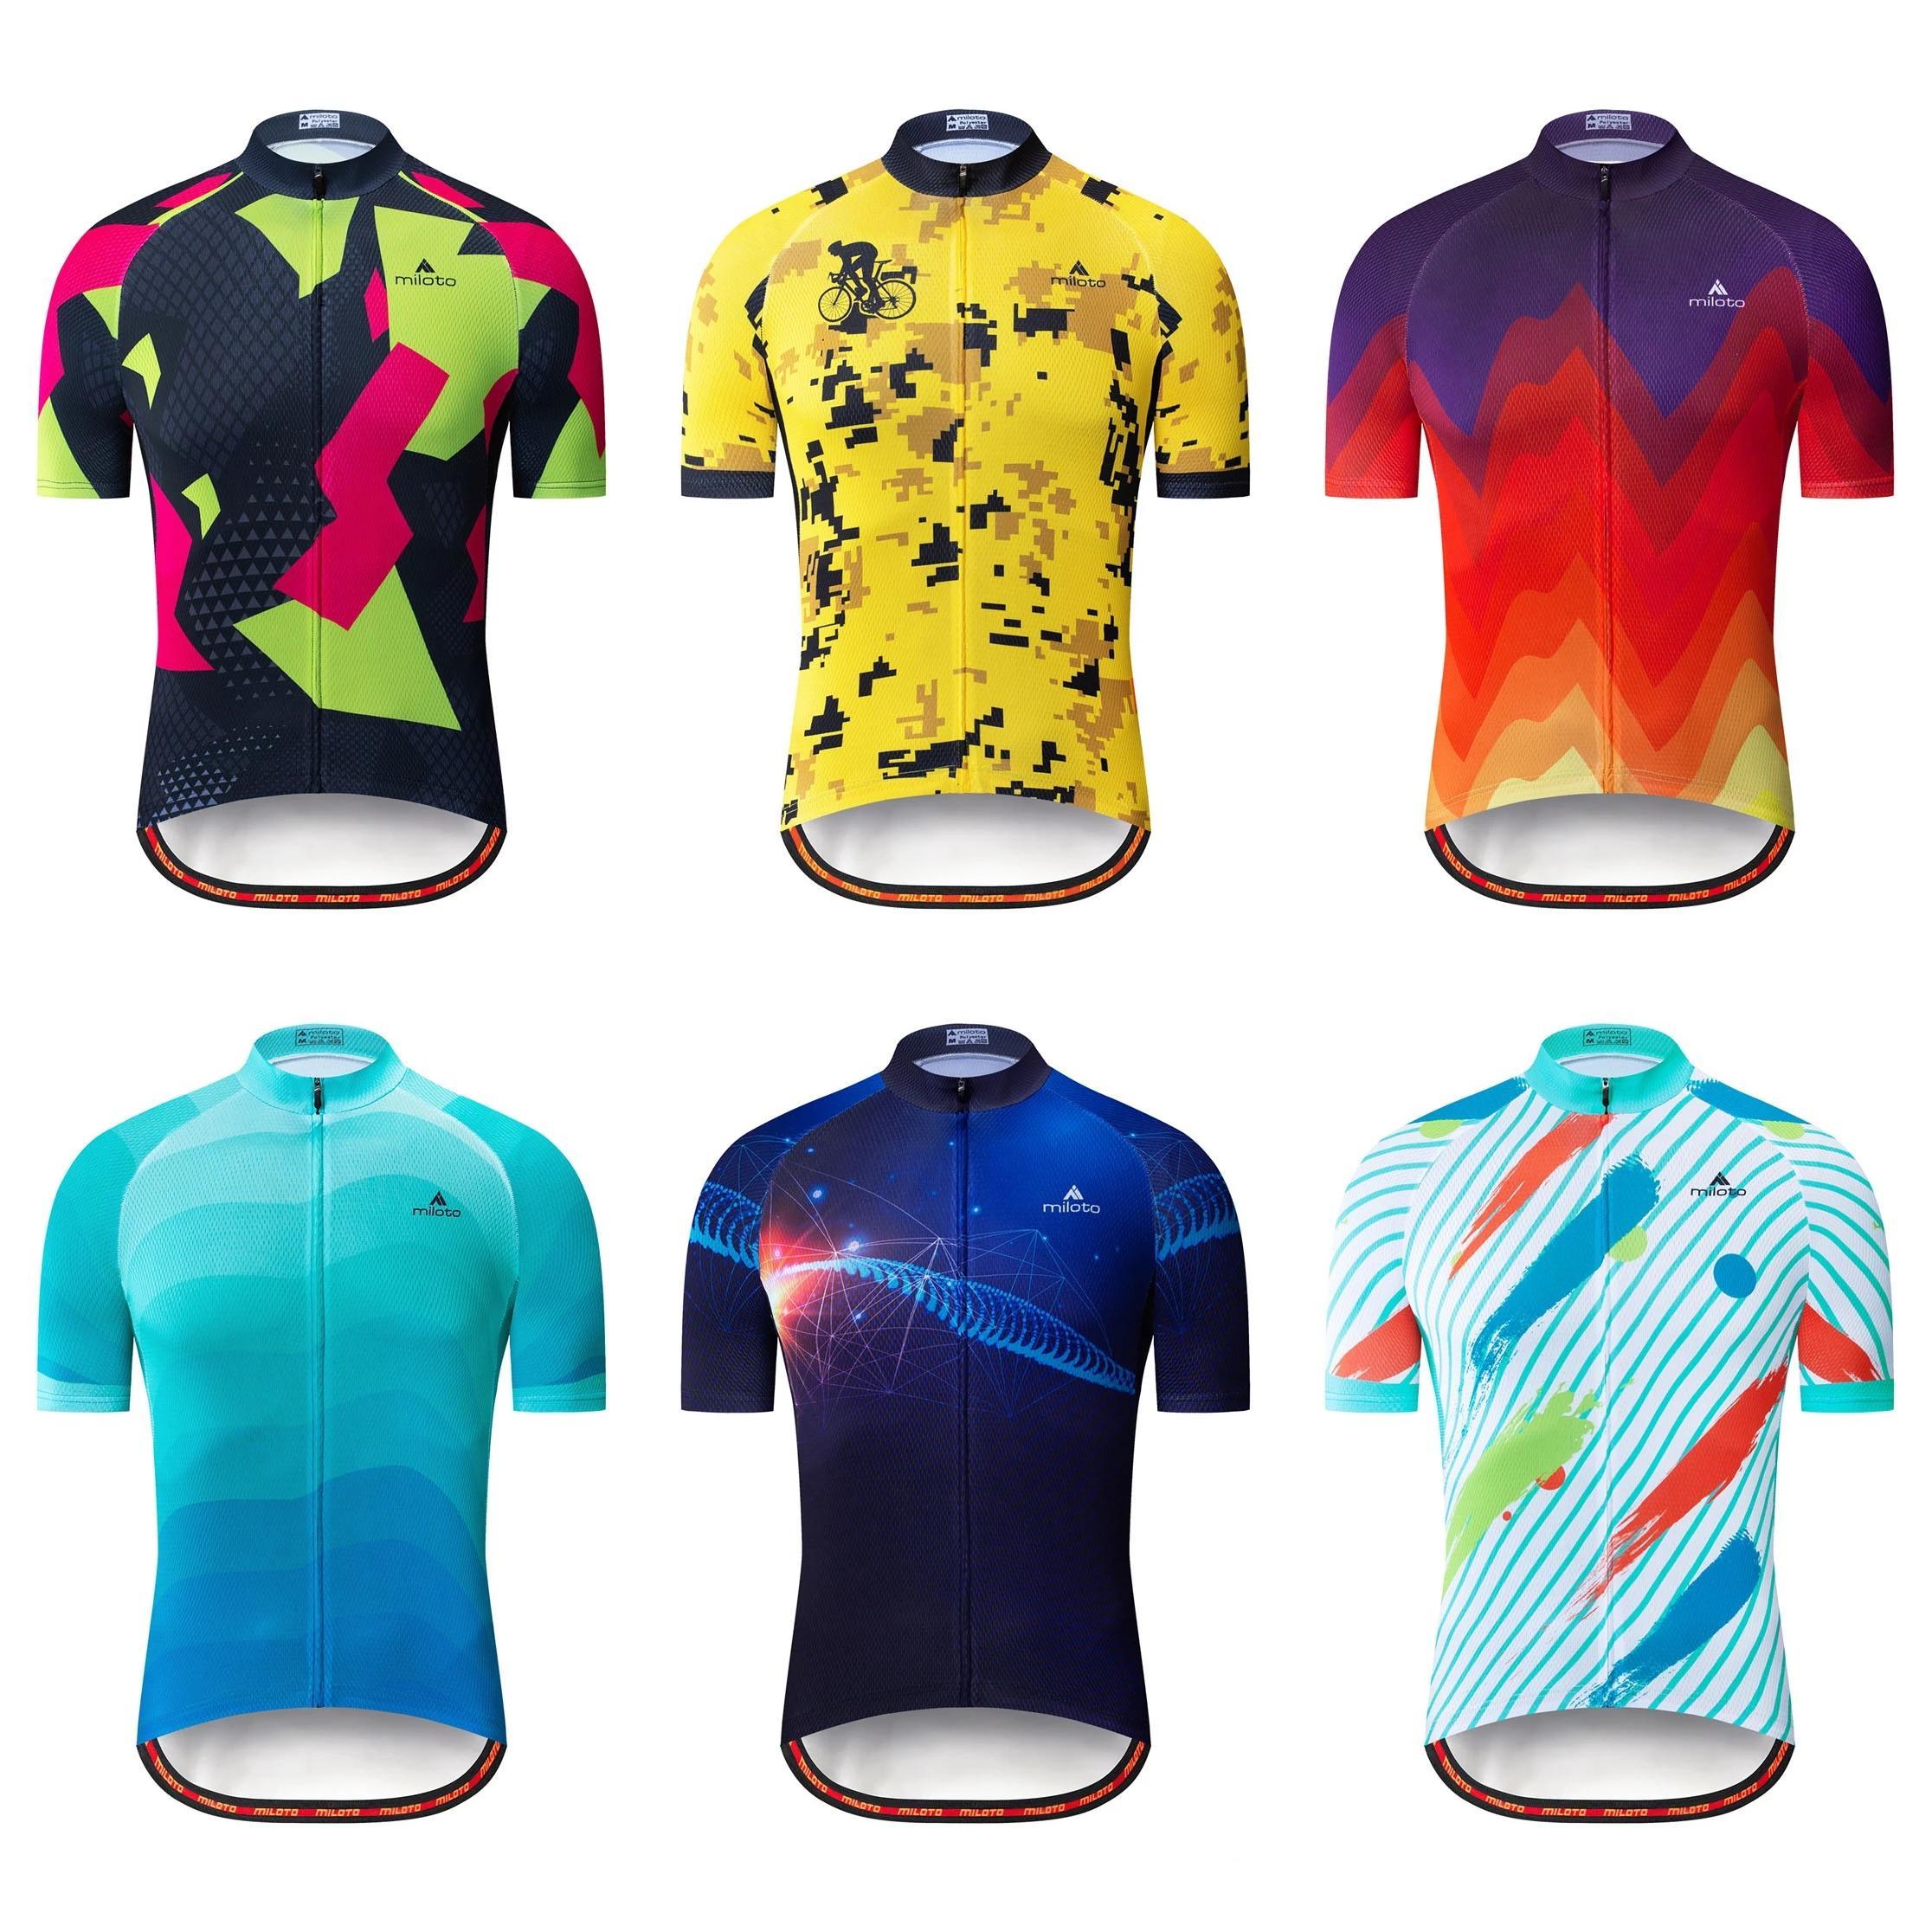 Neue 2021 Sommer Herren Radfahrer Trikots Kurzarm Bike Shirts MTB Fahrrad Jeresy Radfahren Kleidung Tragen ROPA MAILLT CICLISMO